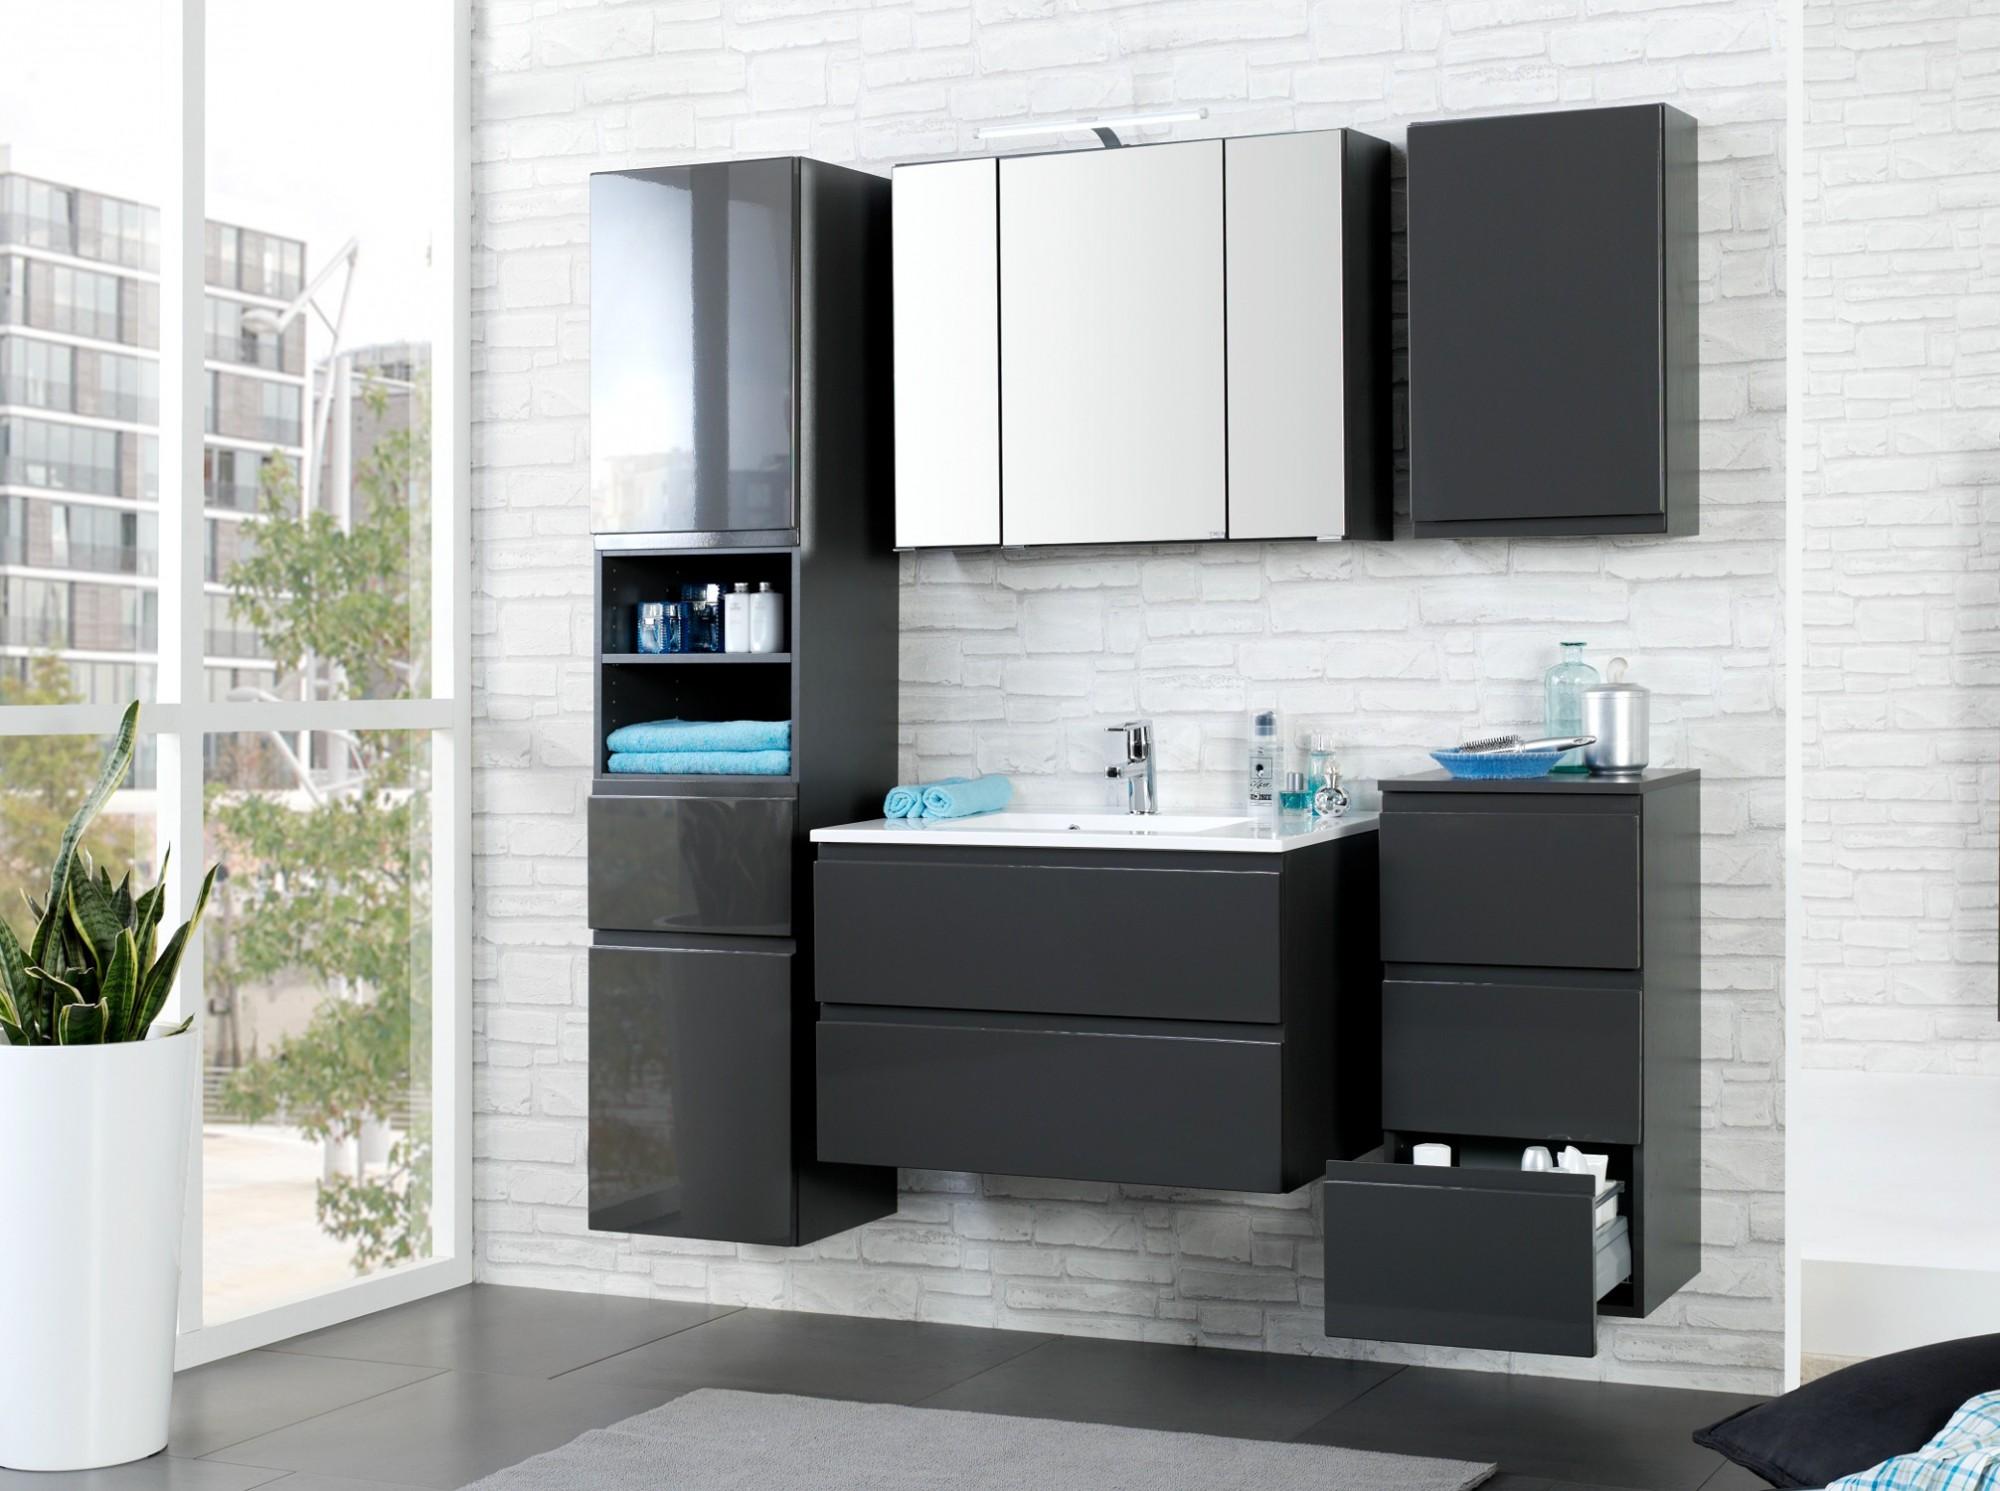 neu badezimmer waschtisch mit becken cardiff waschplatz 60 cm grau ebay